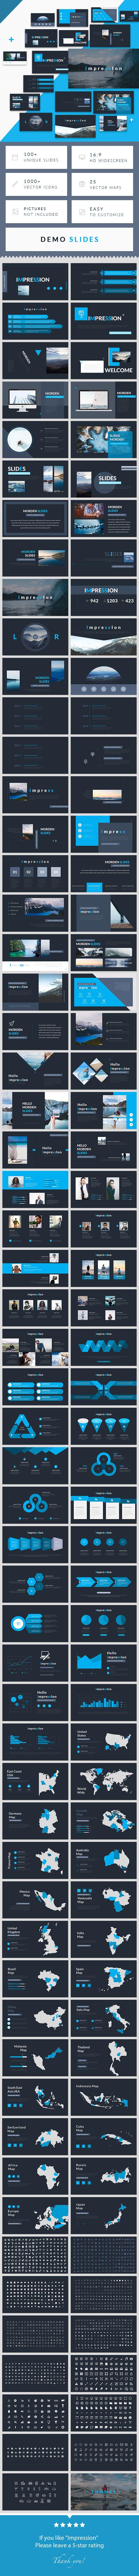 Impression Powerpoint Presentation Template 100 Unique Slides